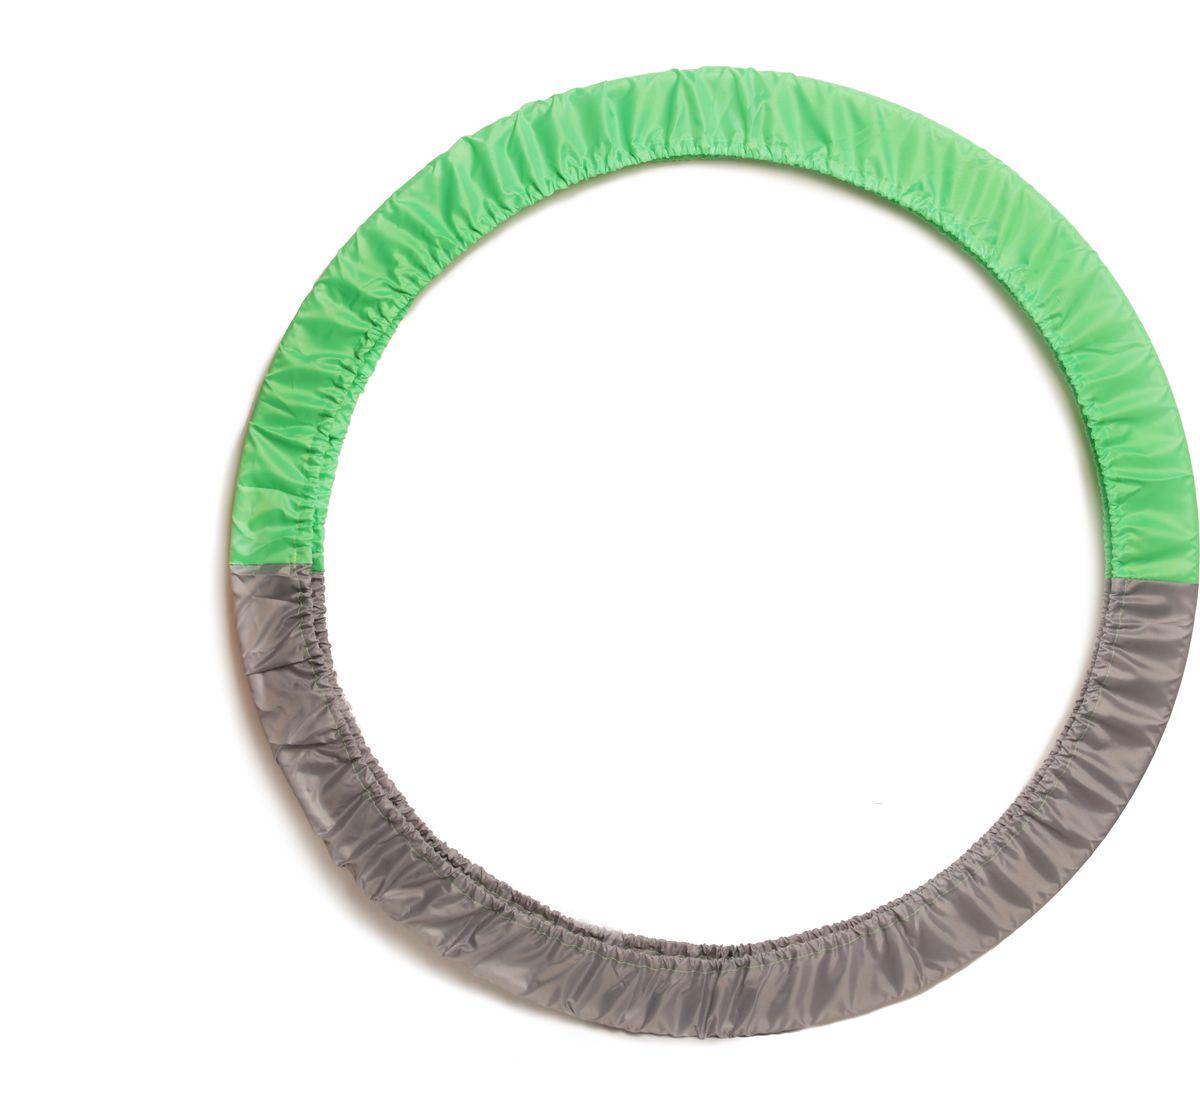 Чехол для обруча Indigo, цвет: салатово-серый, диаметр 60 х 90 см сумка чехол для обруча indigo цвет салатовый диаметр 60 х 90 см